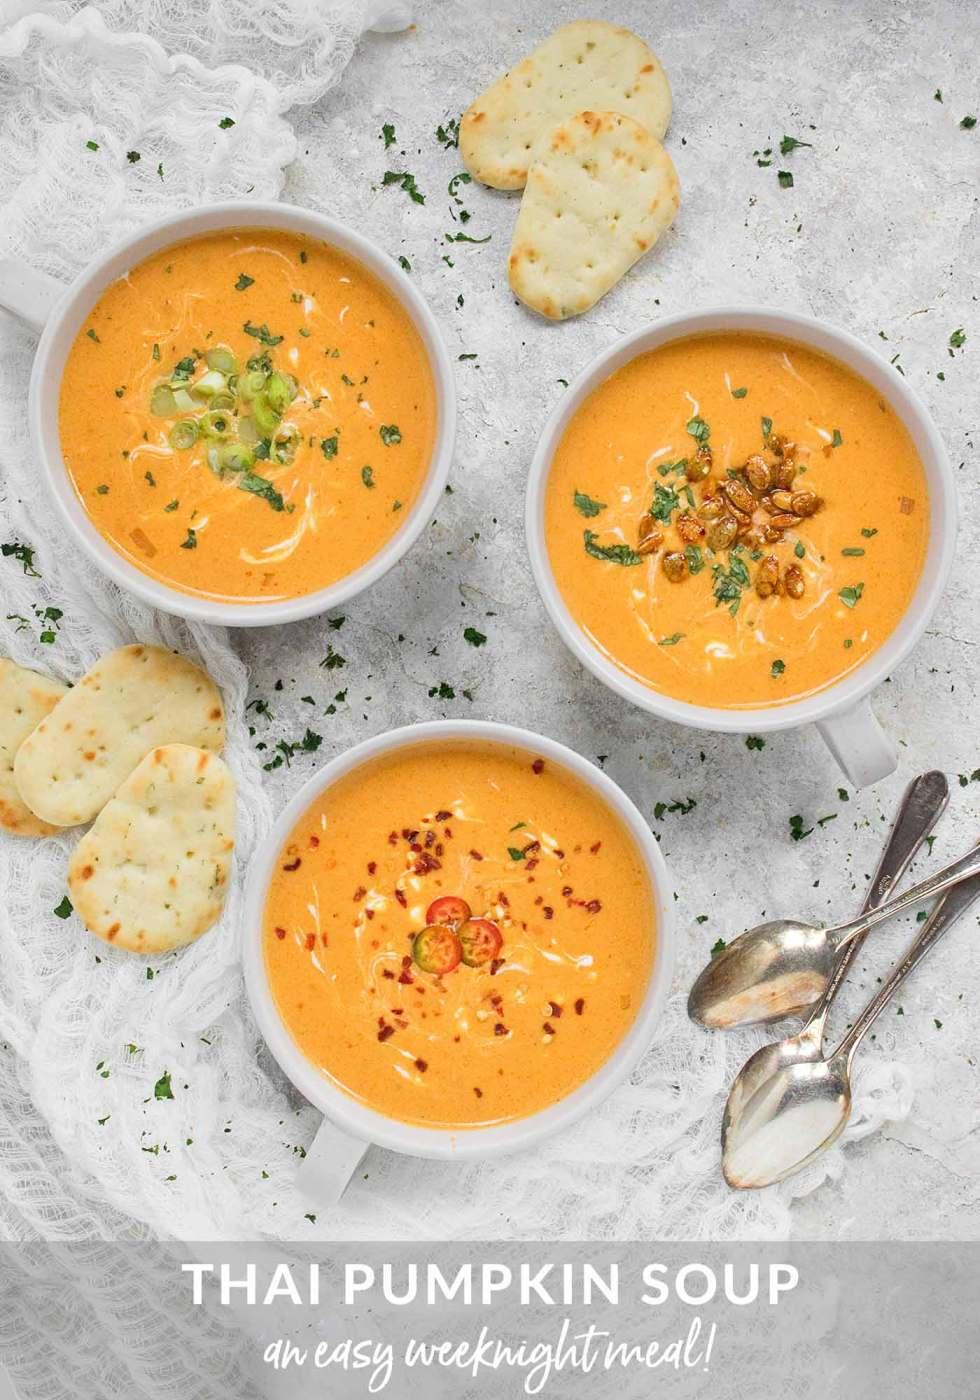 Three bowls of Thai Pumpkin Soup